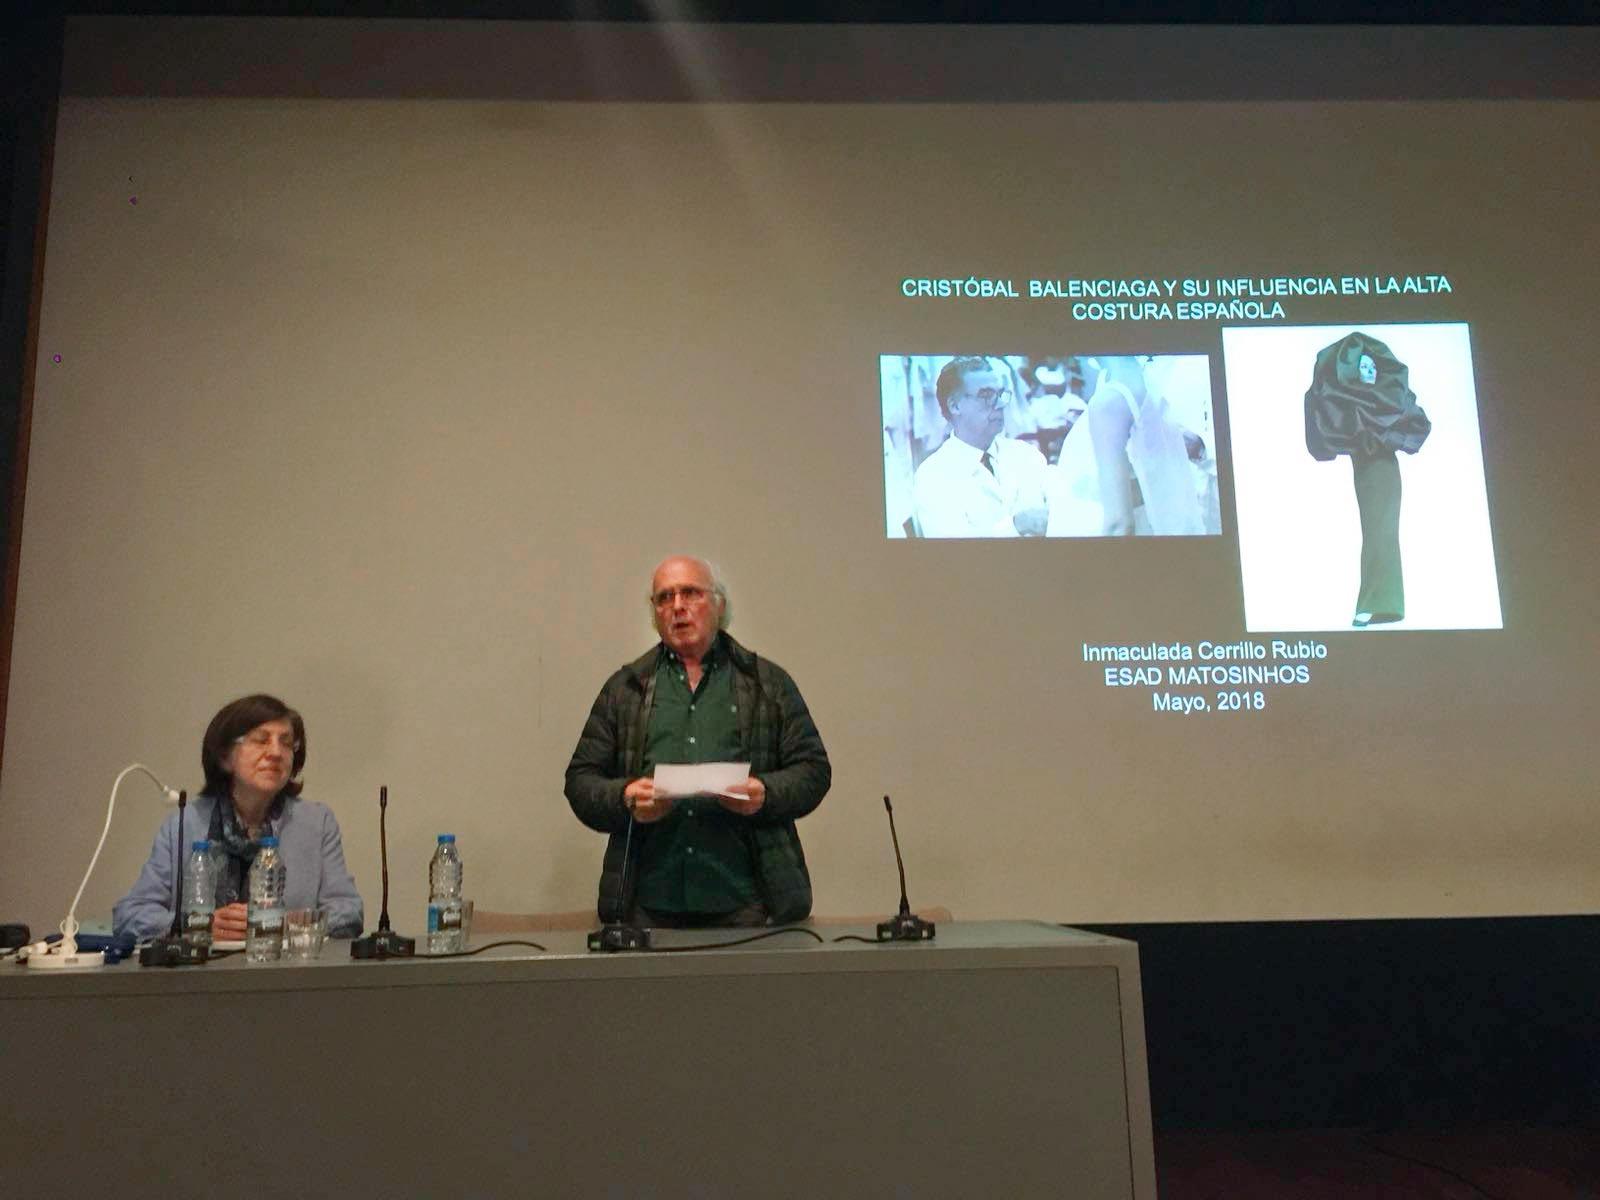 """Encuentro en la ESAD: """"Cristóbal Balenciaga y su influencia..."""""""